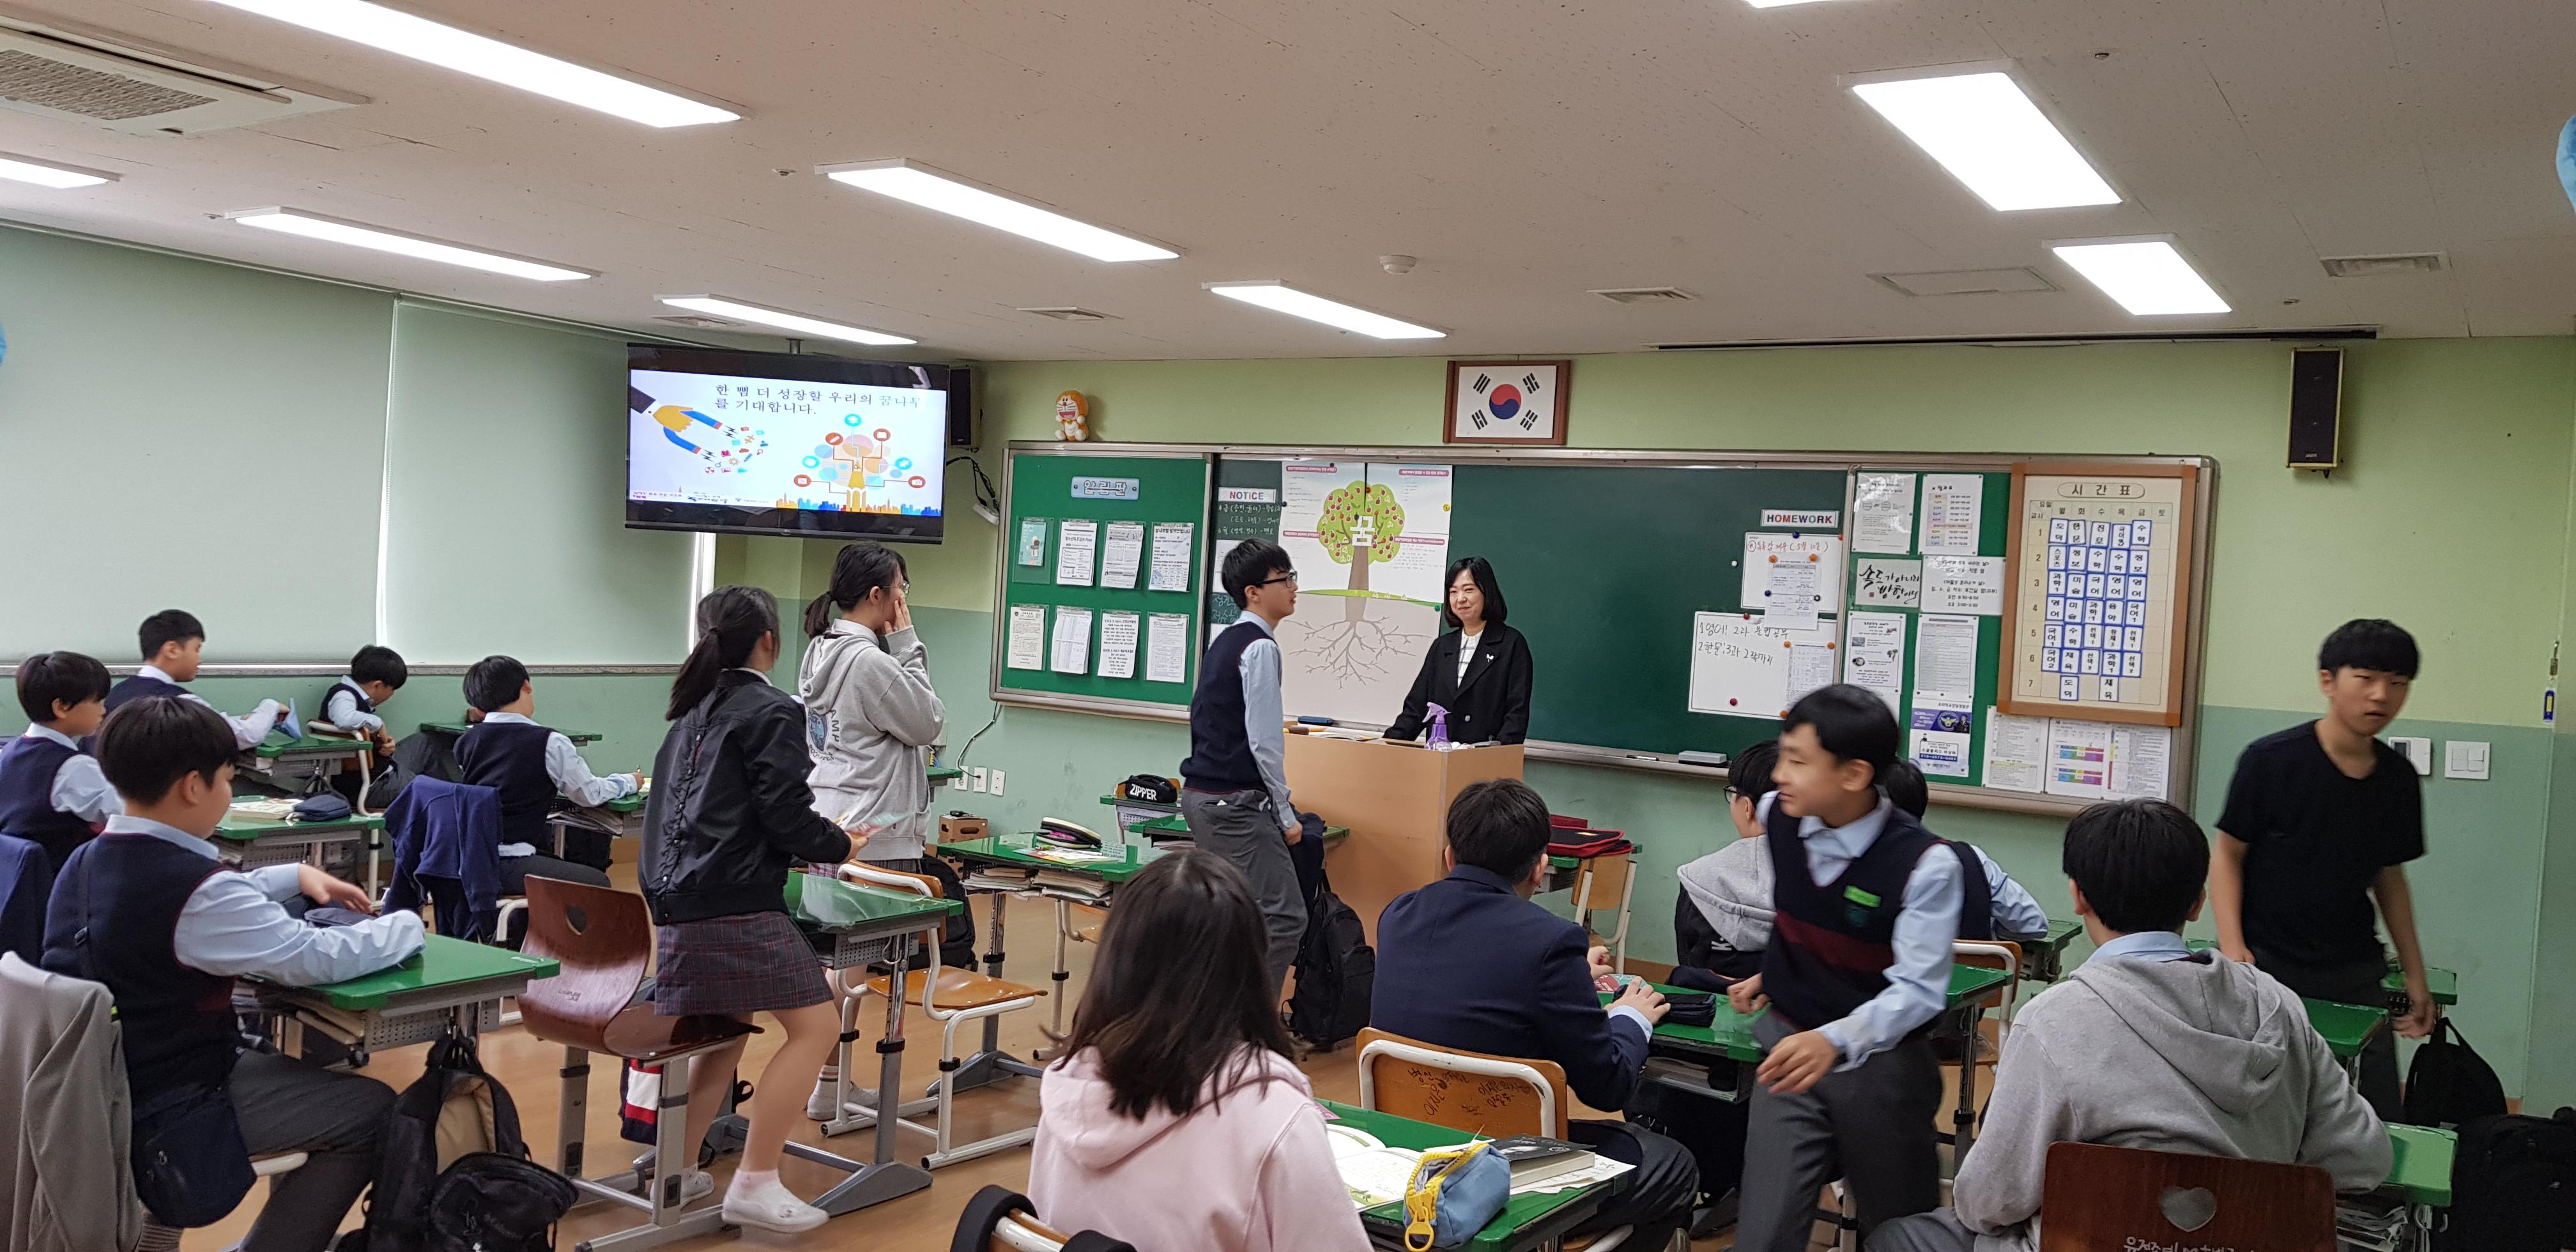 20190429 휘경중학교 사전교육 (18) (곽)